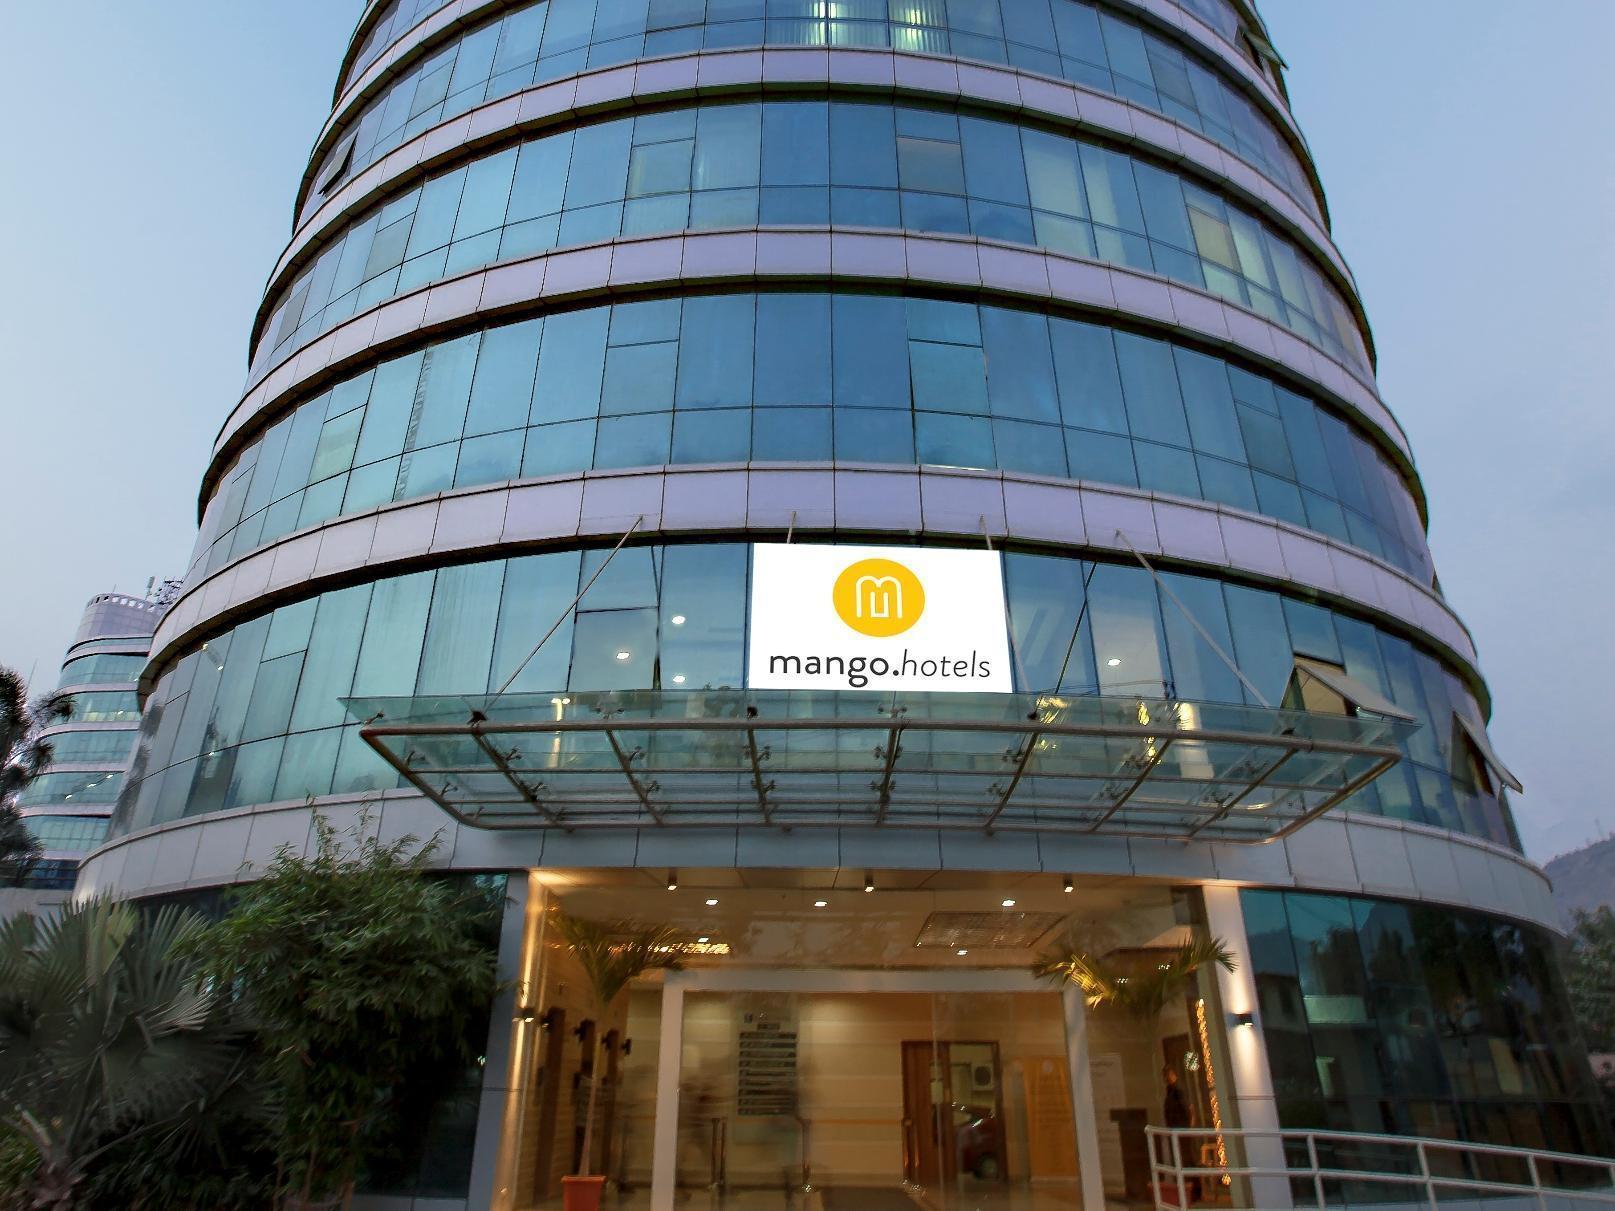 Mango Hotels - Airoli - Navi Mumbai Image